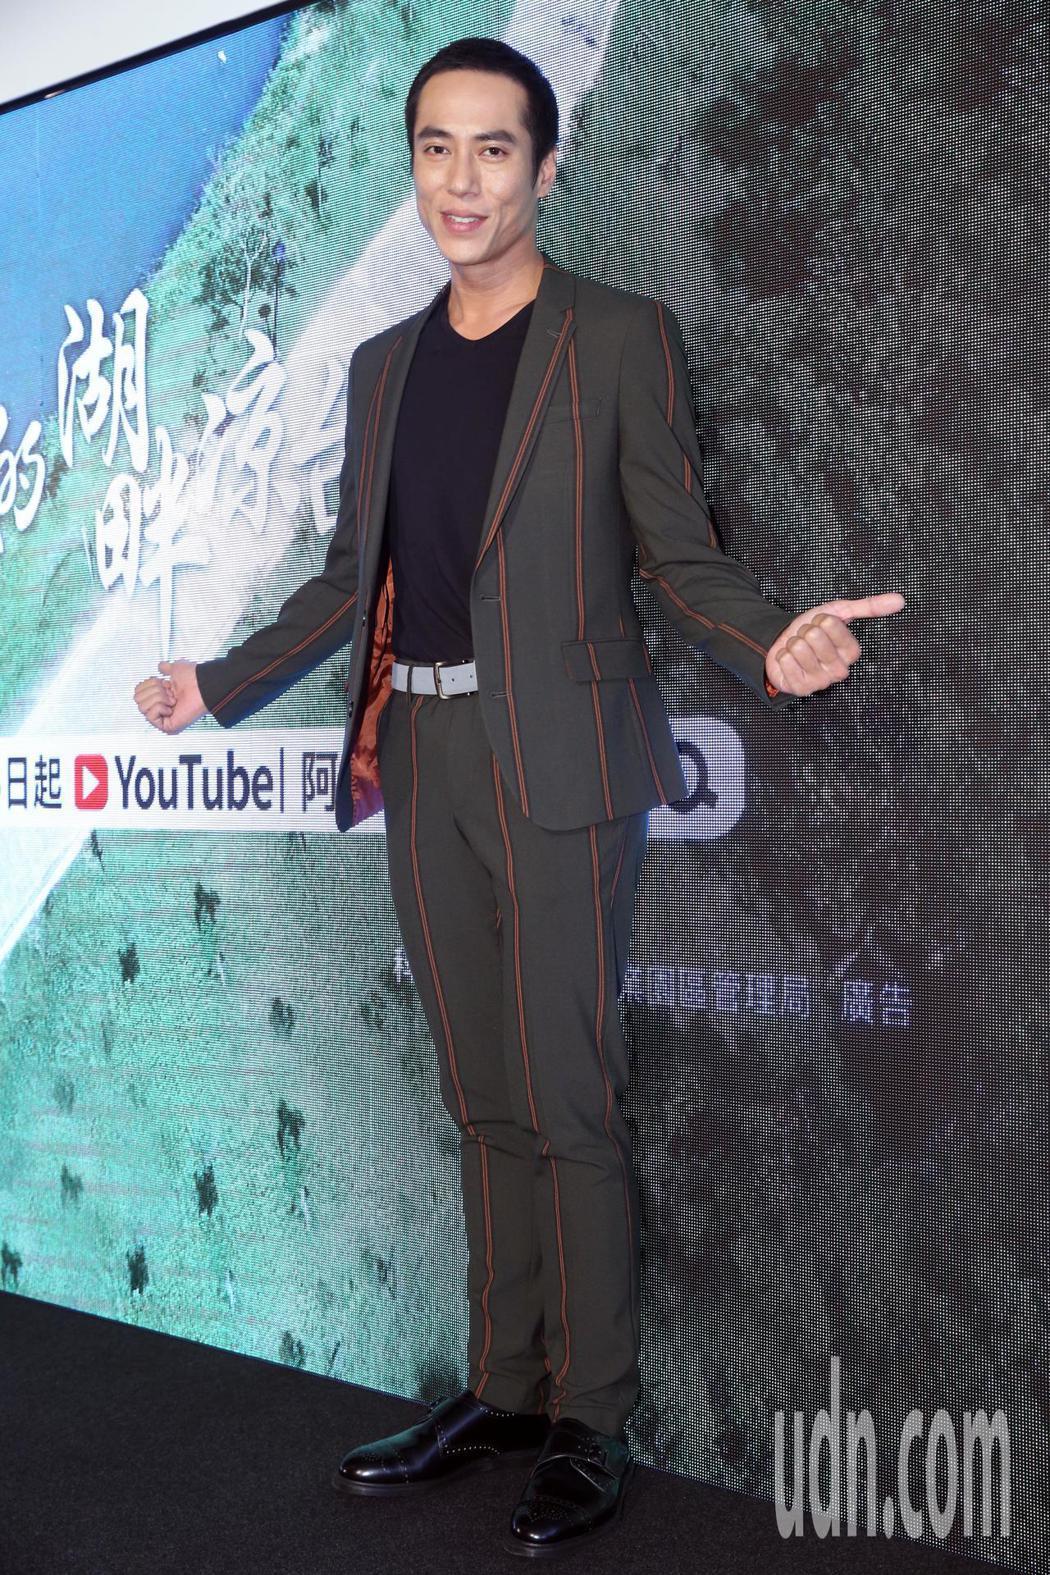 金鐘影帝莊凱勛跨刀演出實境秀,並出席推銷「移居南科」活動。記者林俊良/攝影